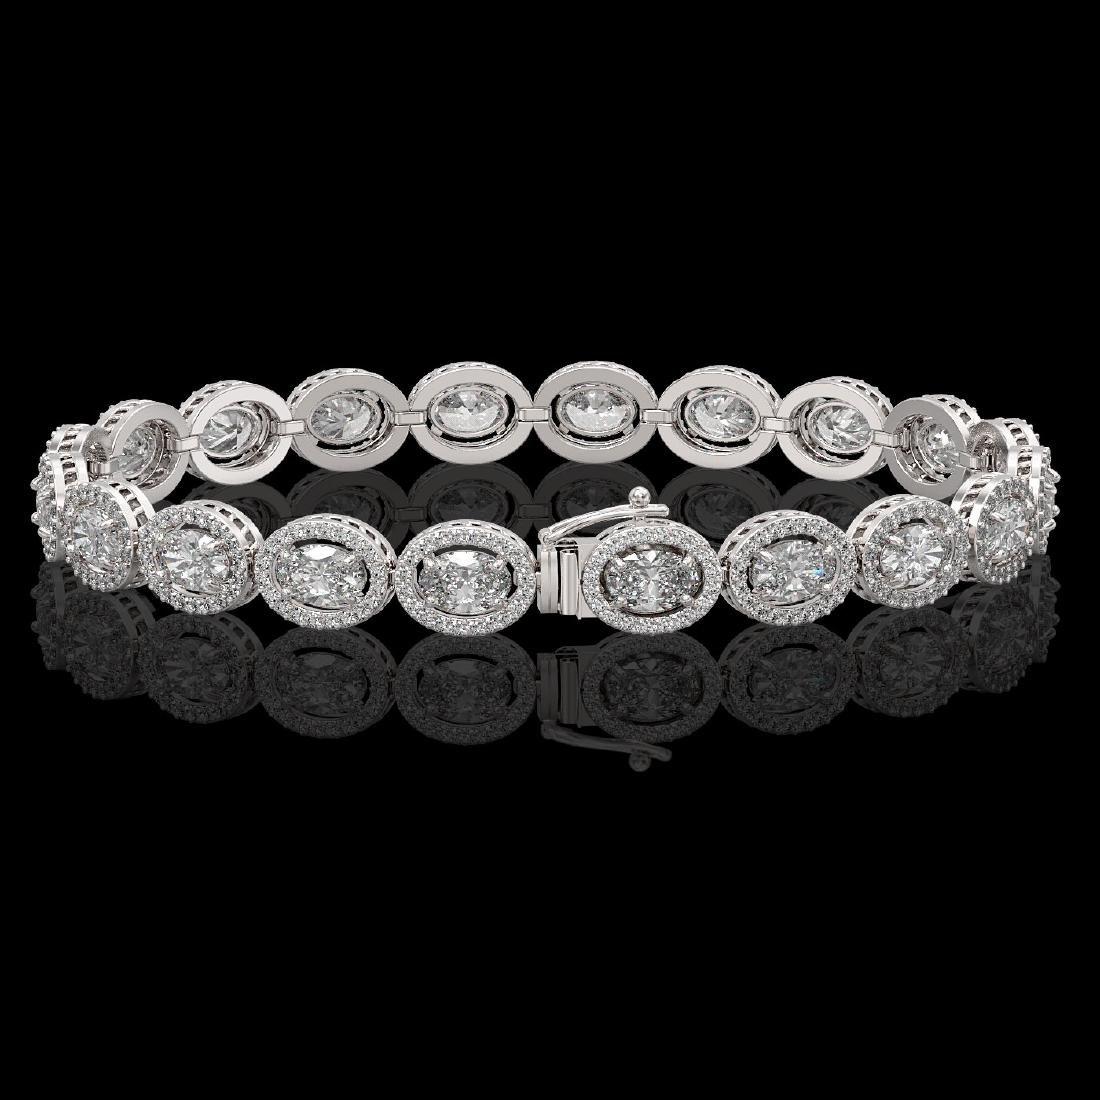 13.25 CTW Oval Diamond Designer Bracelet 18K White Gold - 2